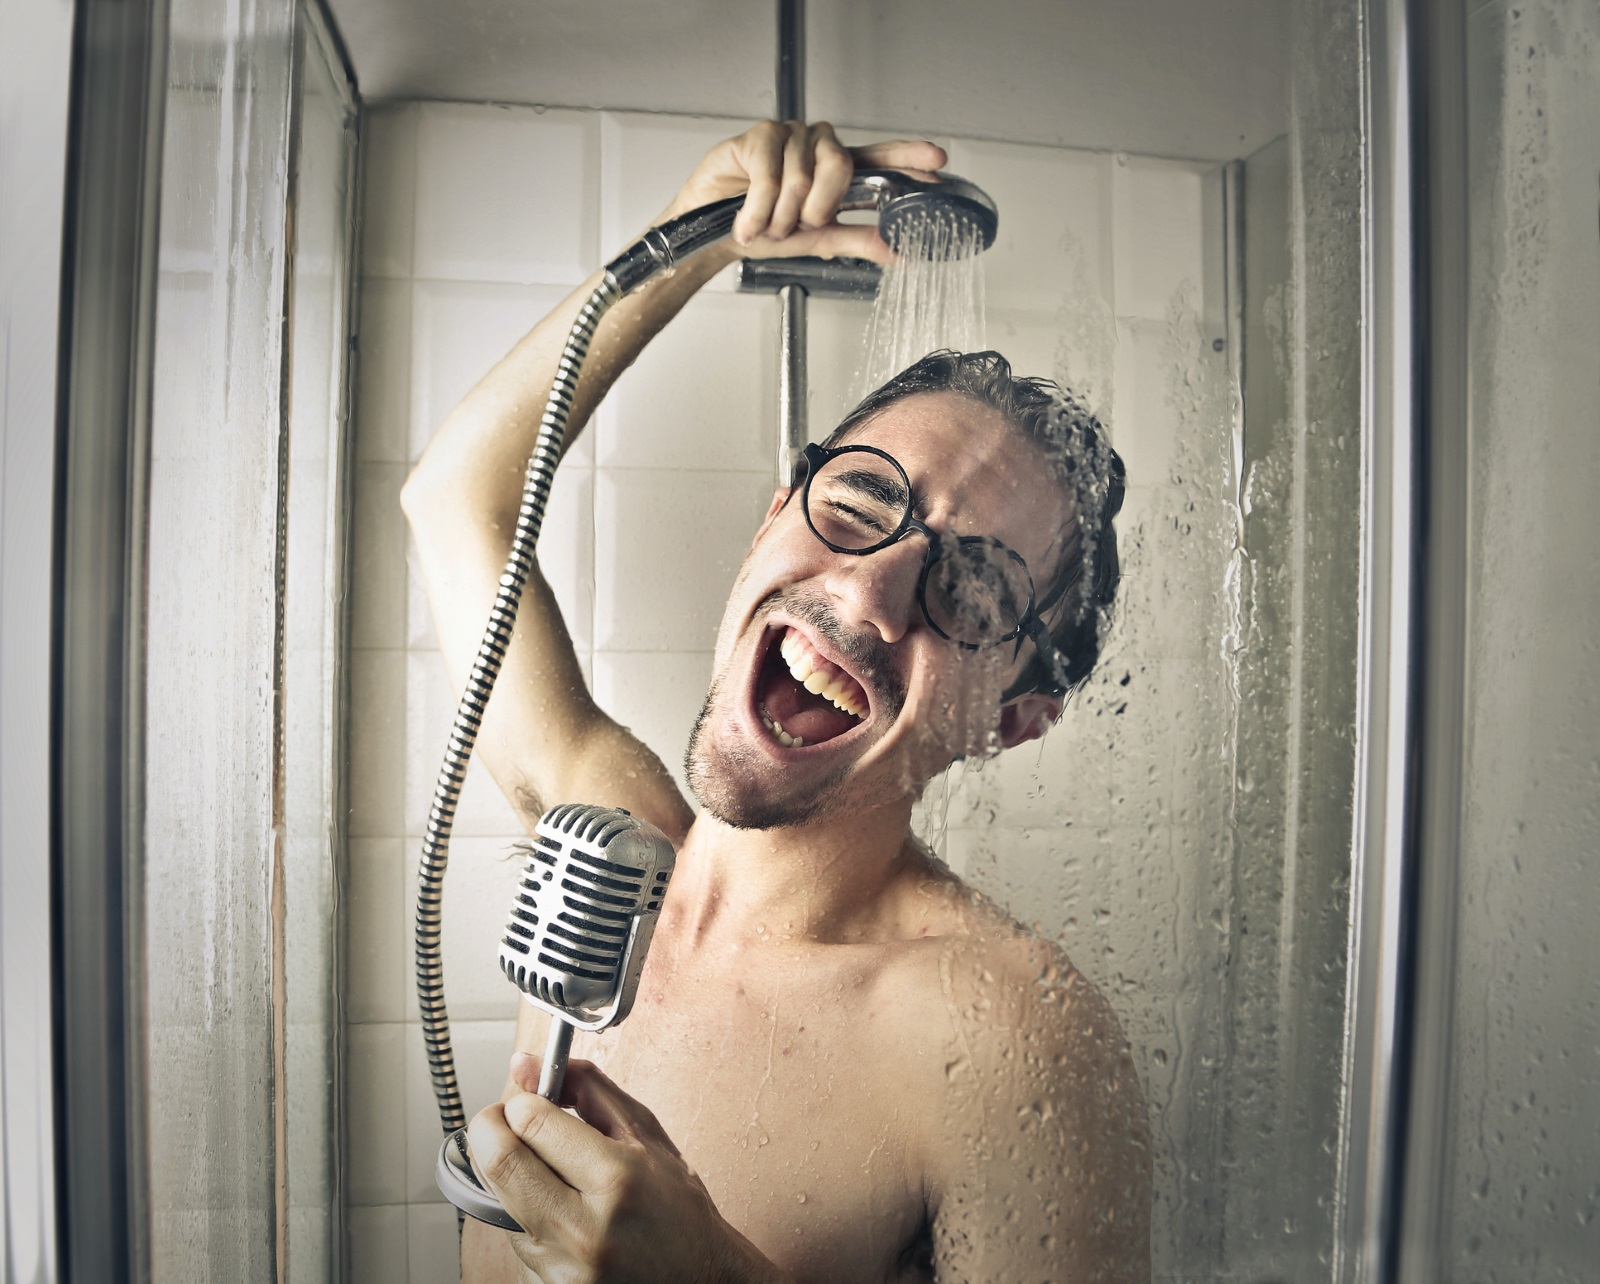 2. Твърде голяма продължителност - няма нужда да стоите под душа по 30 минути, най-добрият вариант е един бърза душ между 5 и 7 мин, който наистина ще ви освежи.